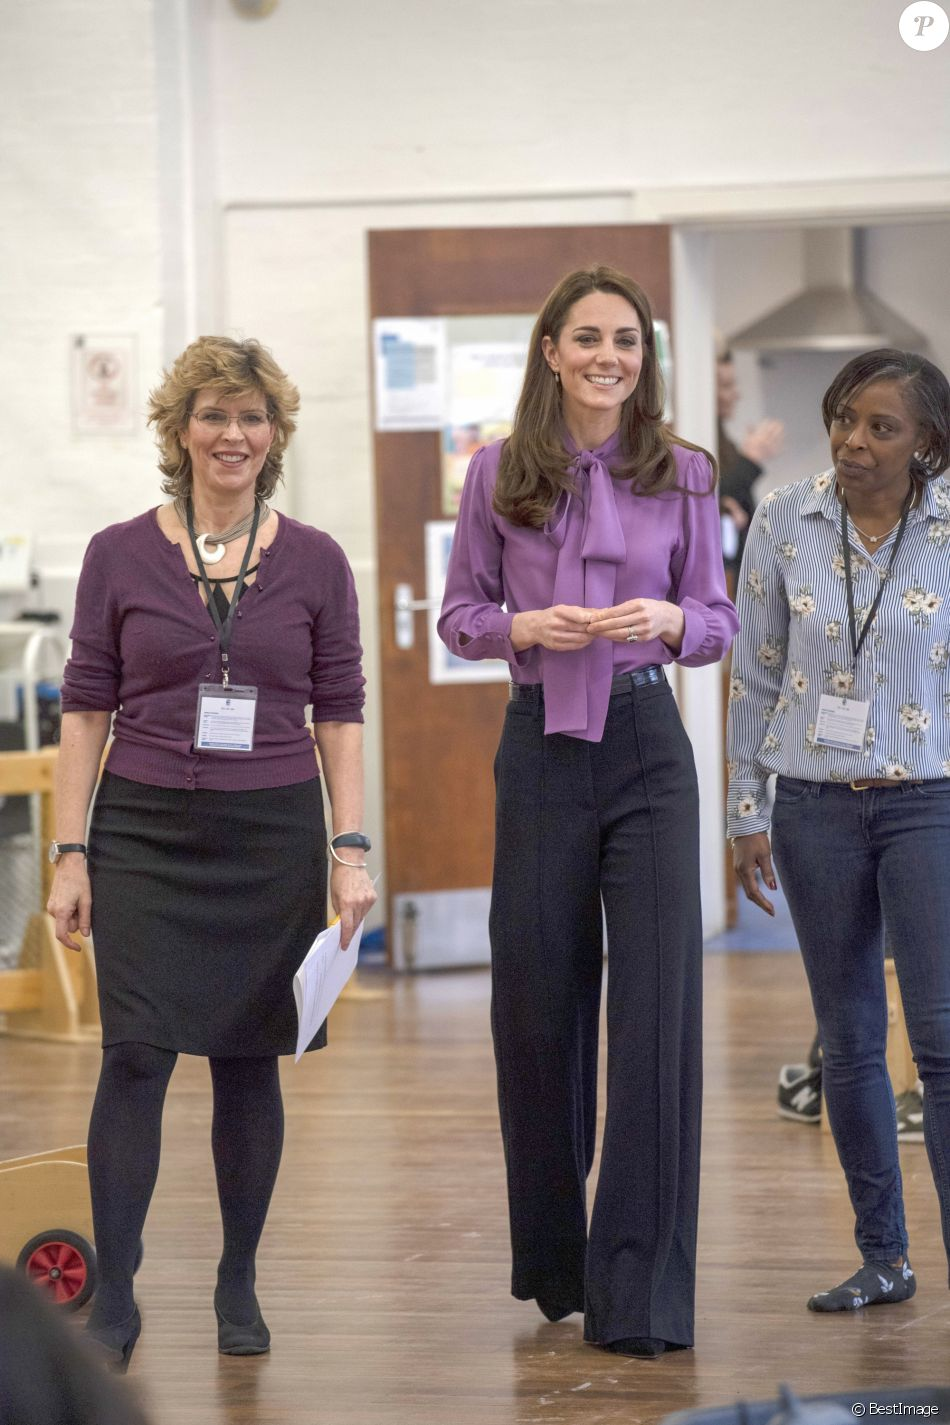 """Kate Catherine Middleton, duchesse de Cambridge, en visite au centre pour enfants """"Henry Fawcett"""" à Londres. Le 12 mars 2019"""